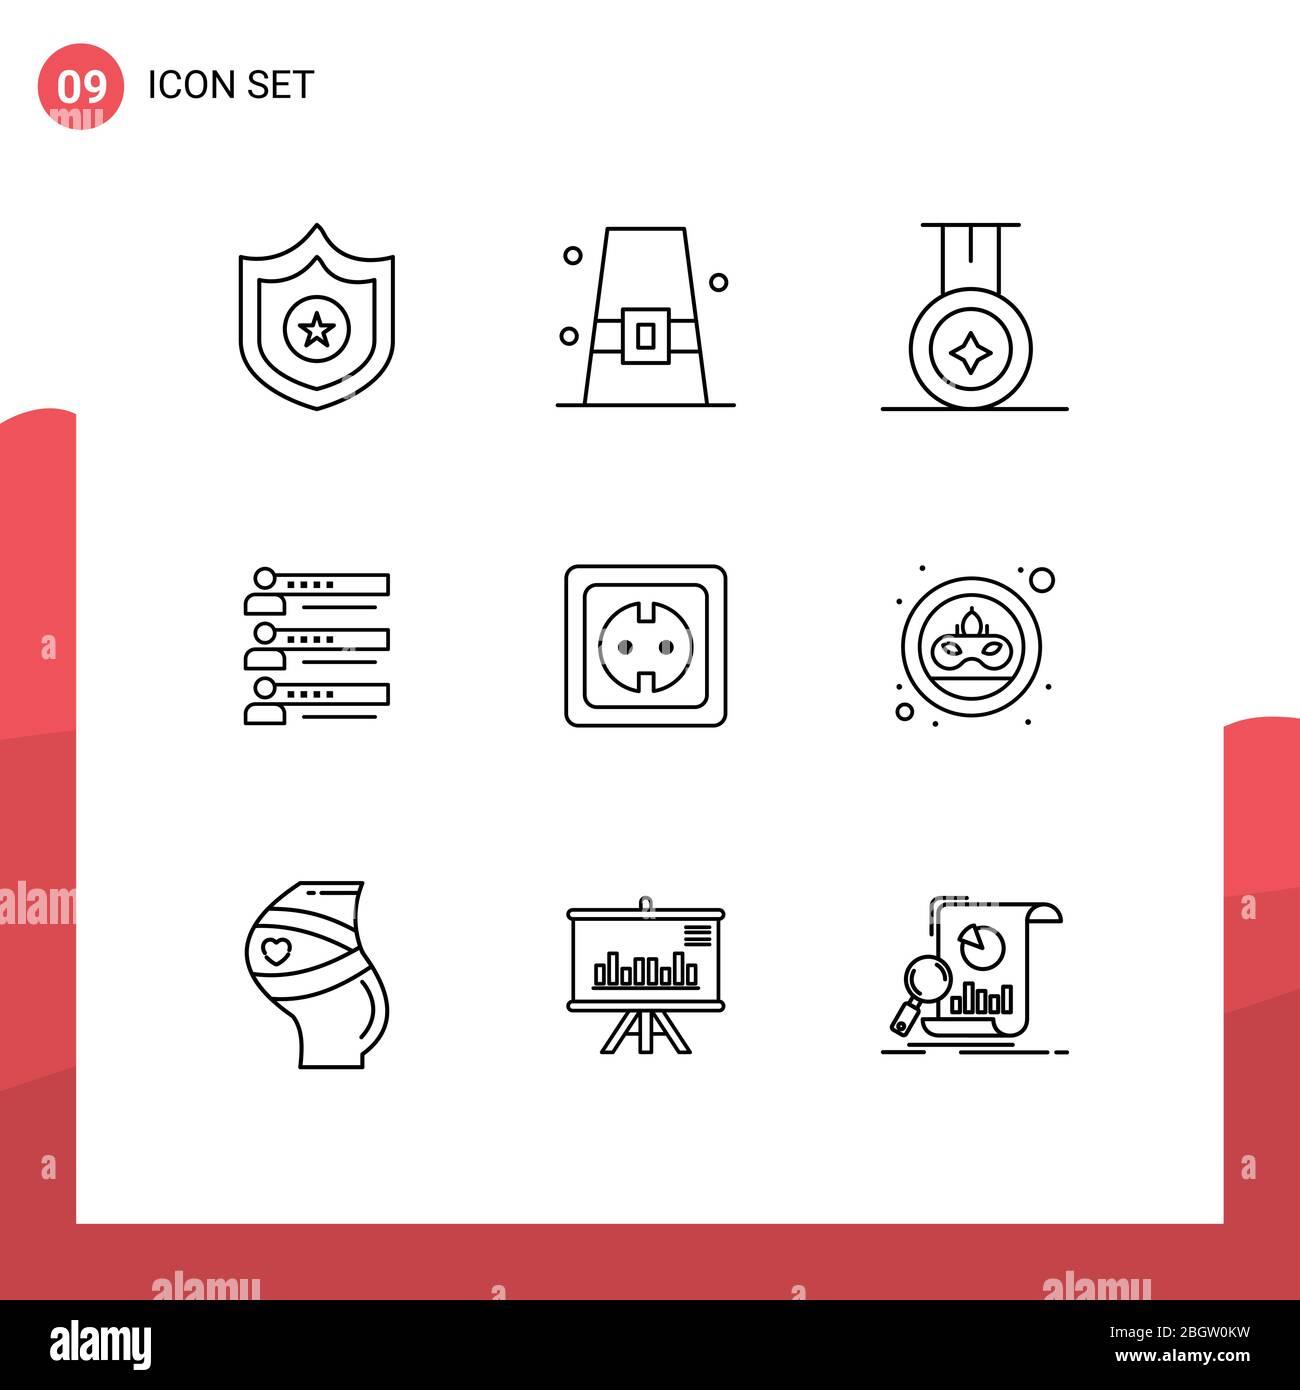 Elektrische Sicherheitssymbole Stock Vektorgrafiken kaufen   Alamy